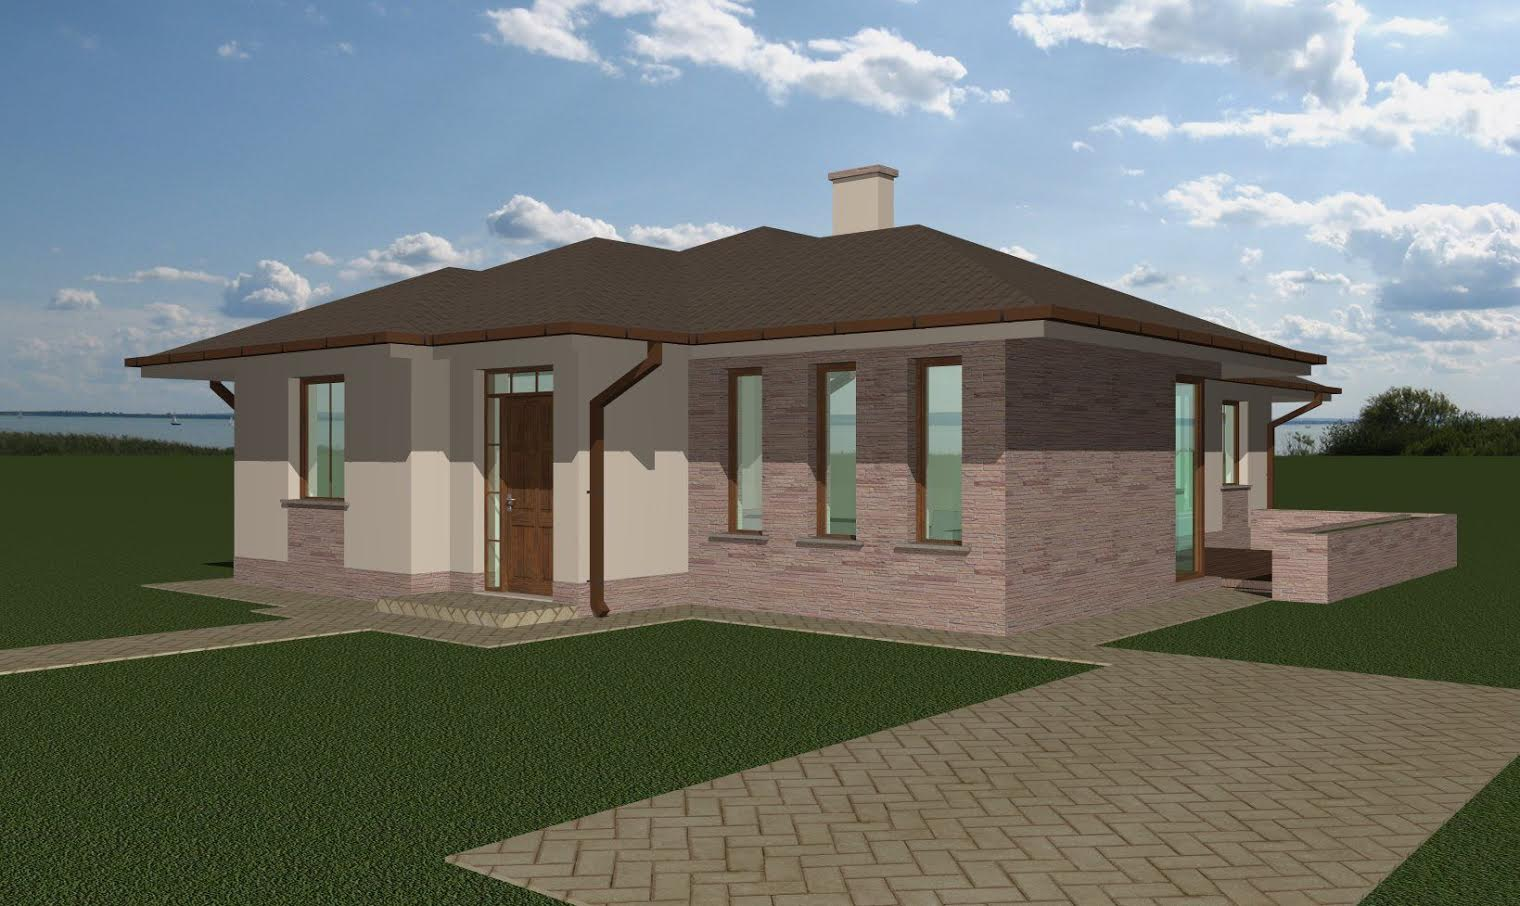 Új családi ház építése Generálkivitelezés Paks épitőipari cégek Paks Kőművesek Paks